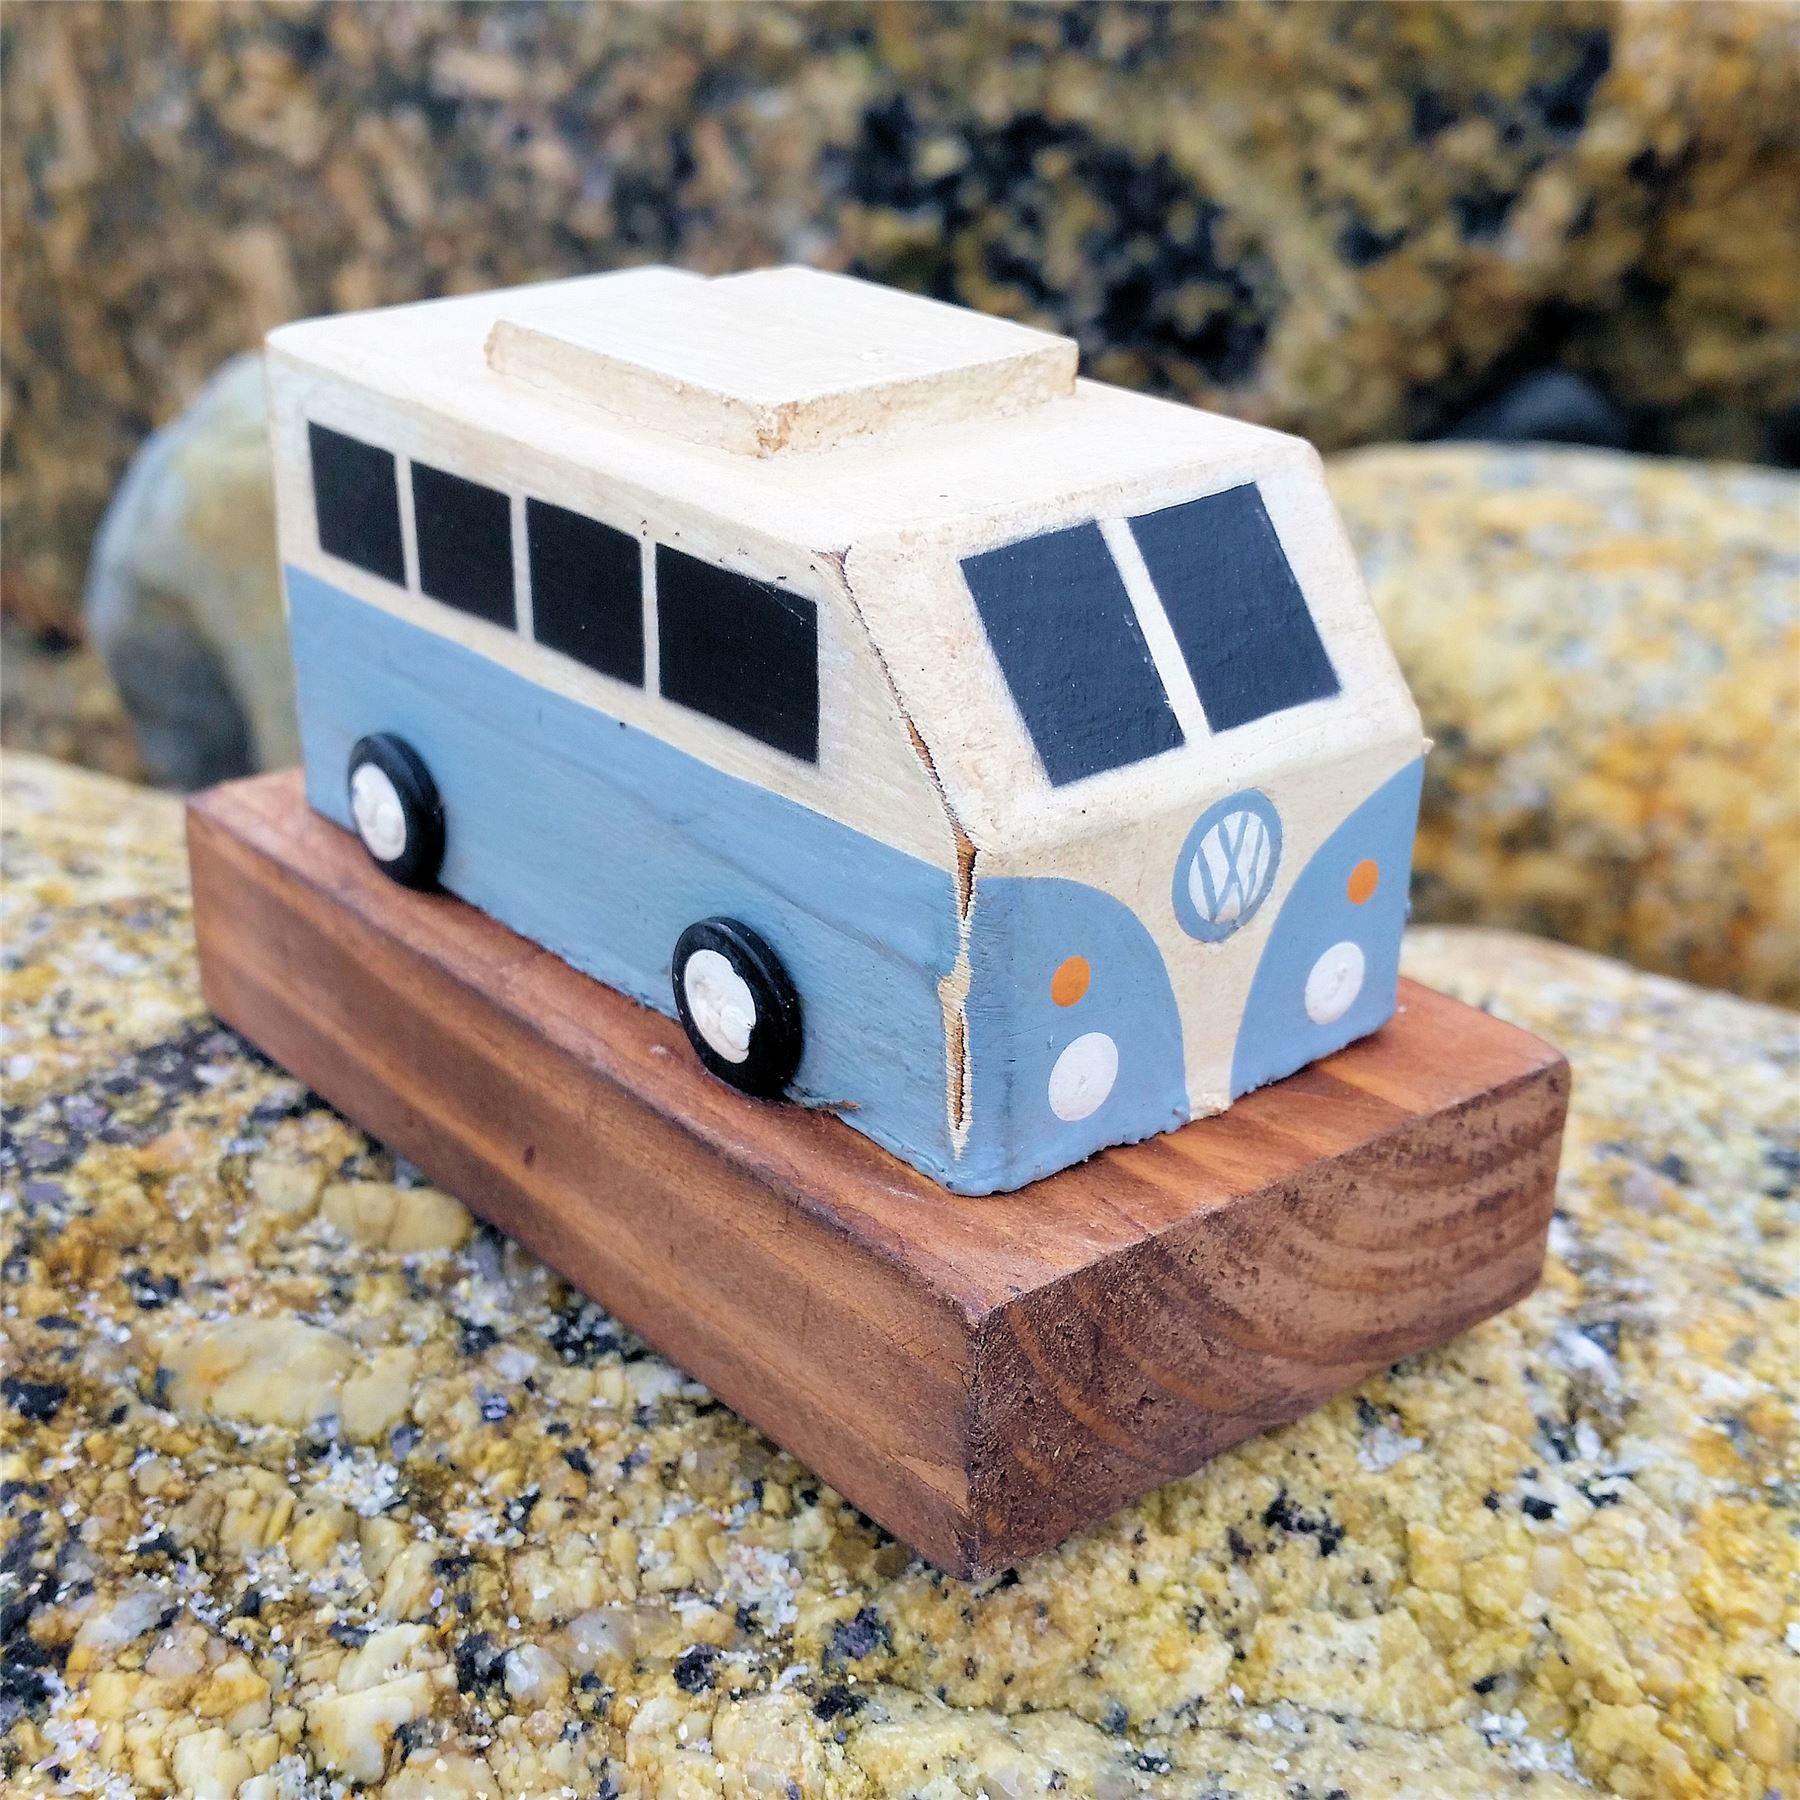 vw camping car r tro en bois ornement sculpture art vintage volkswagen camping cadeau ebay. Black Bedroom Furniture Sets. Home Design Ideas